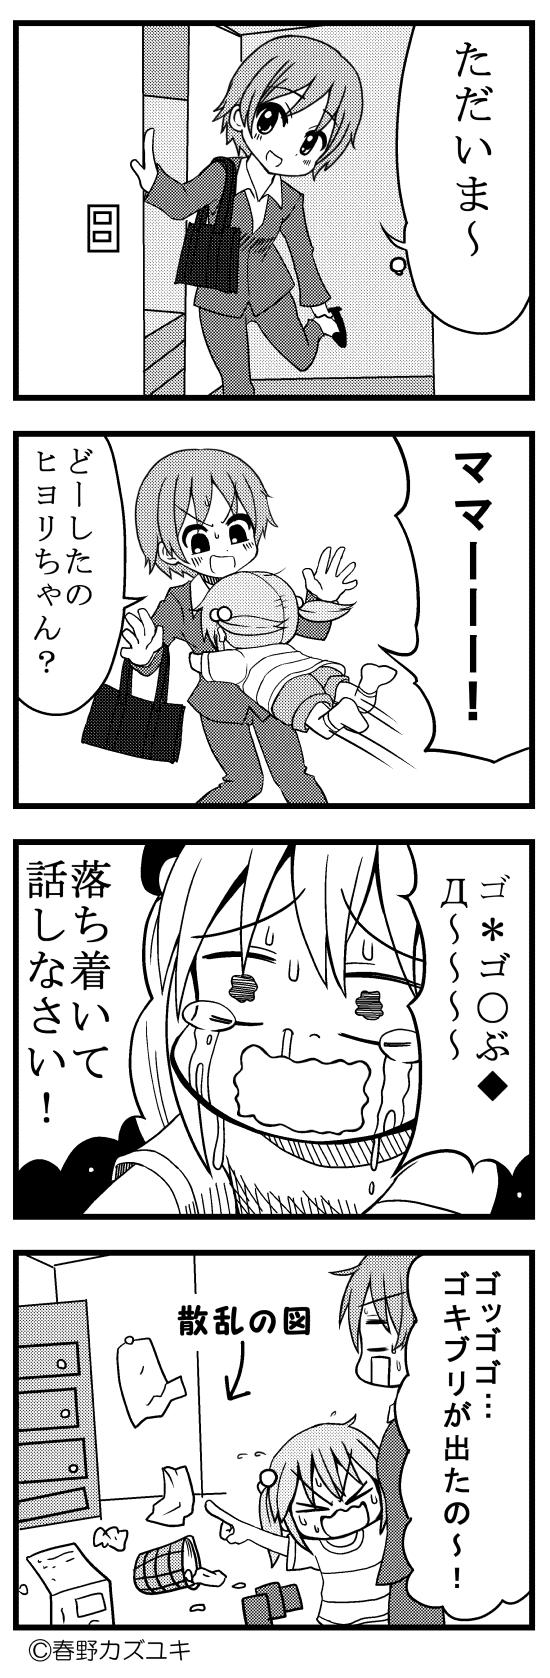 hiyorityanその3_2